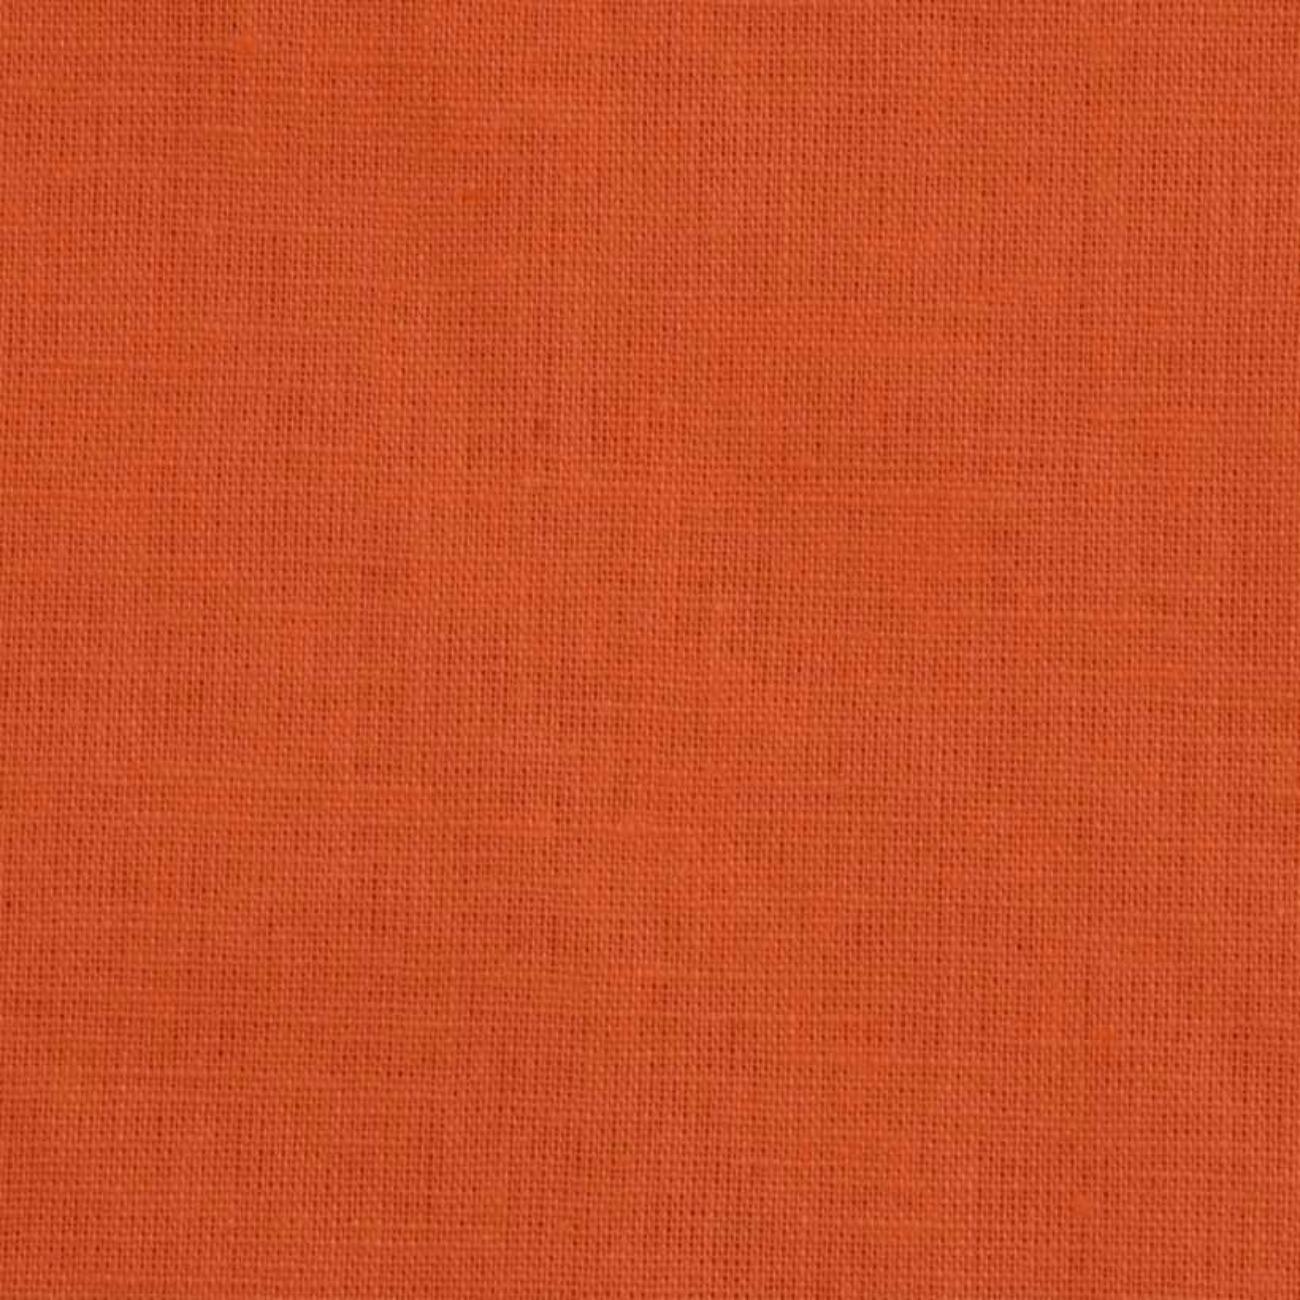 现货素色梭织色织休闲时尚风格衬衫连衣裙 短裙 棉感 60929-55